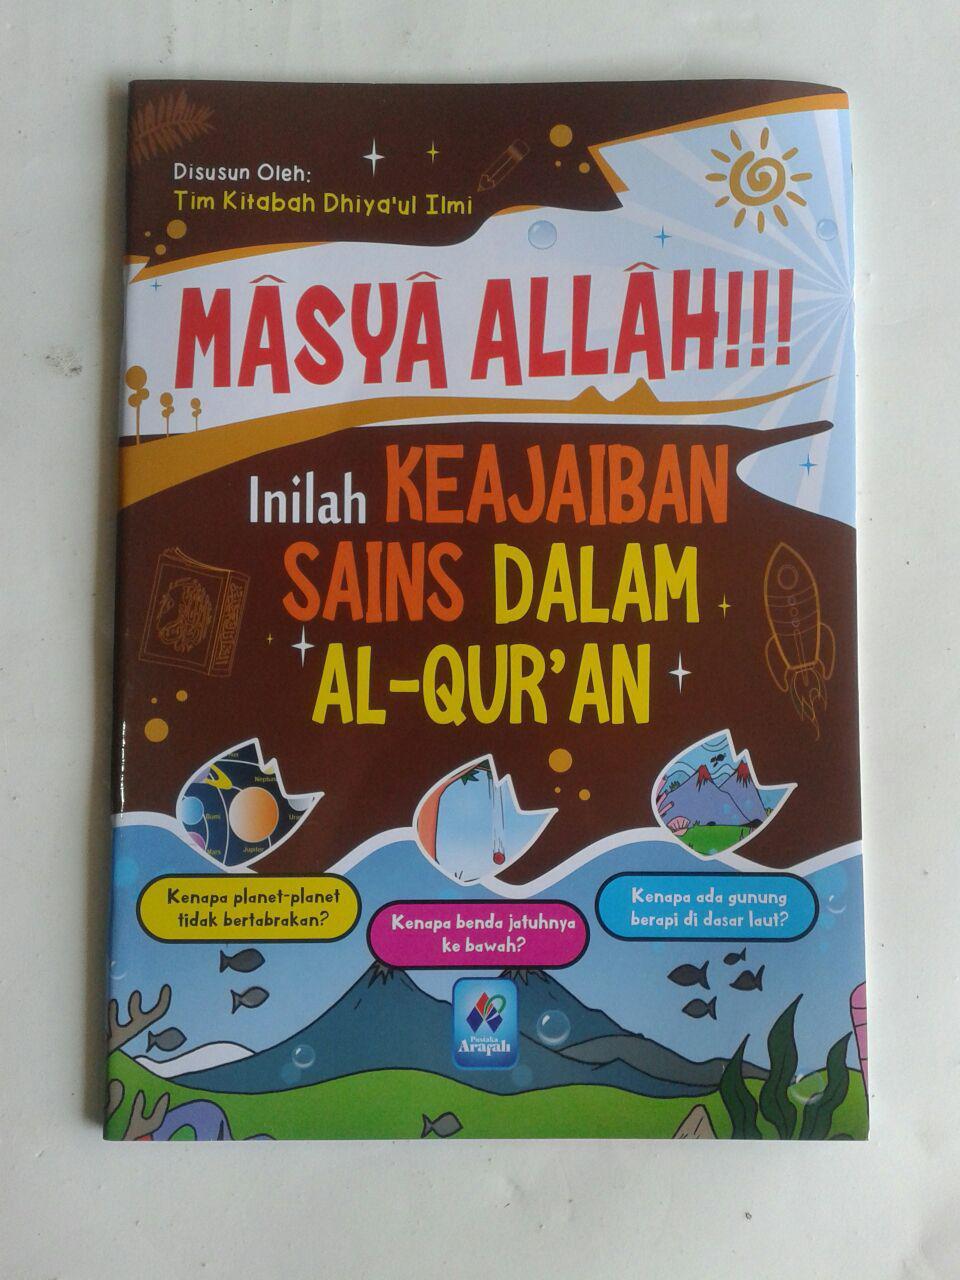 Buku Anak Masya Allah Inilah Keajaiban Sains Dalam Al-Qur'an cover 2